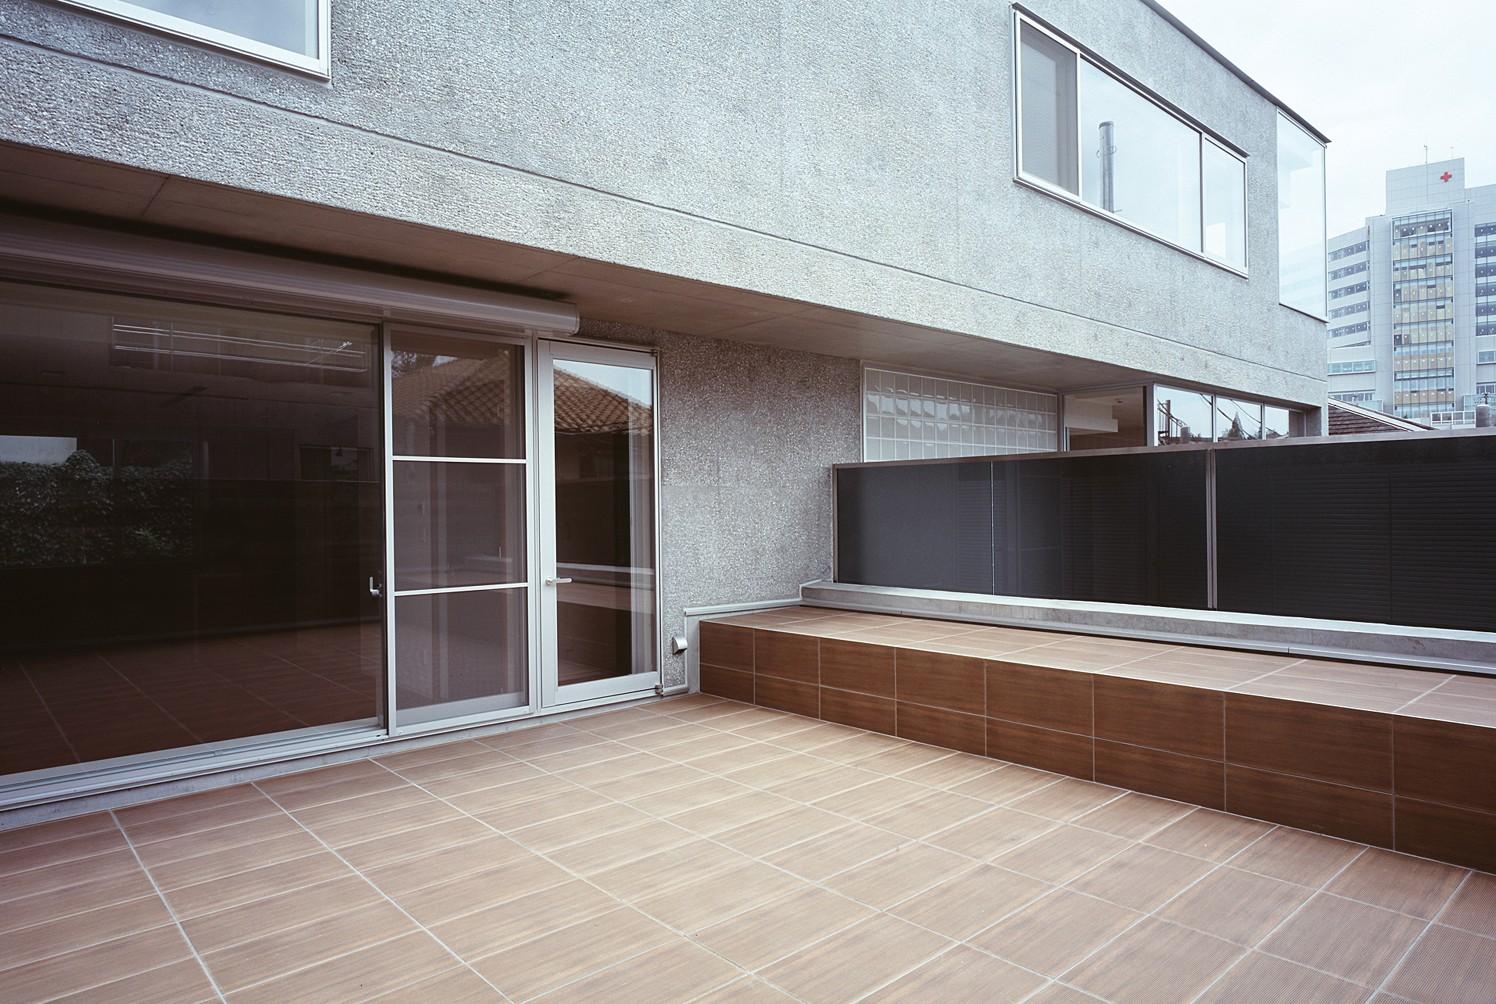 アウトドア事例:屋上バルコニー周りの様子(典雅さを目指した広尾の住まい RCビシャン仕上げの外観 シノワズリのインテリア空間)